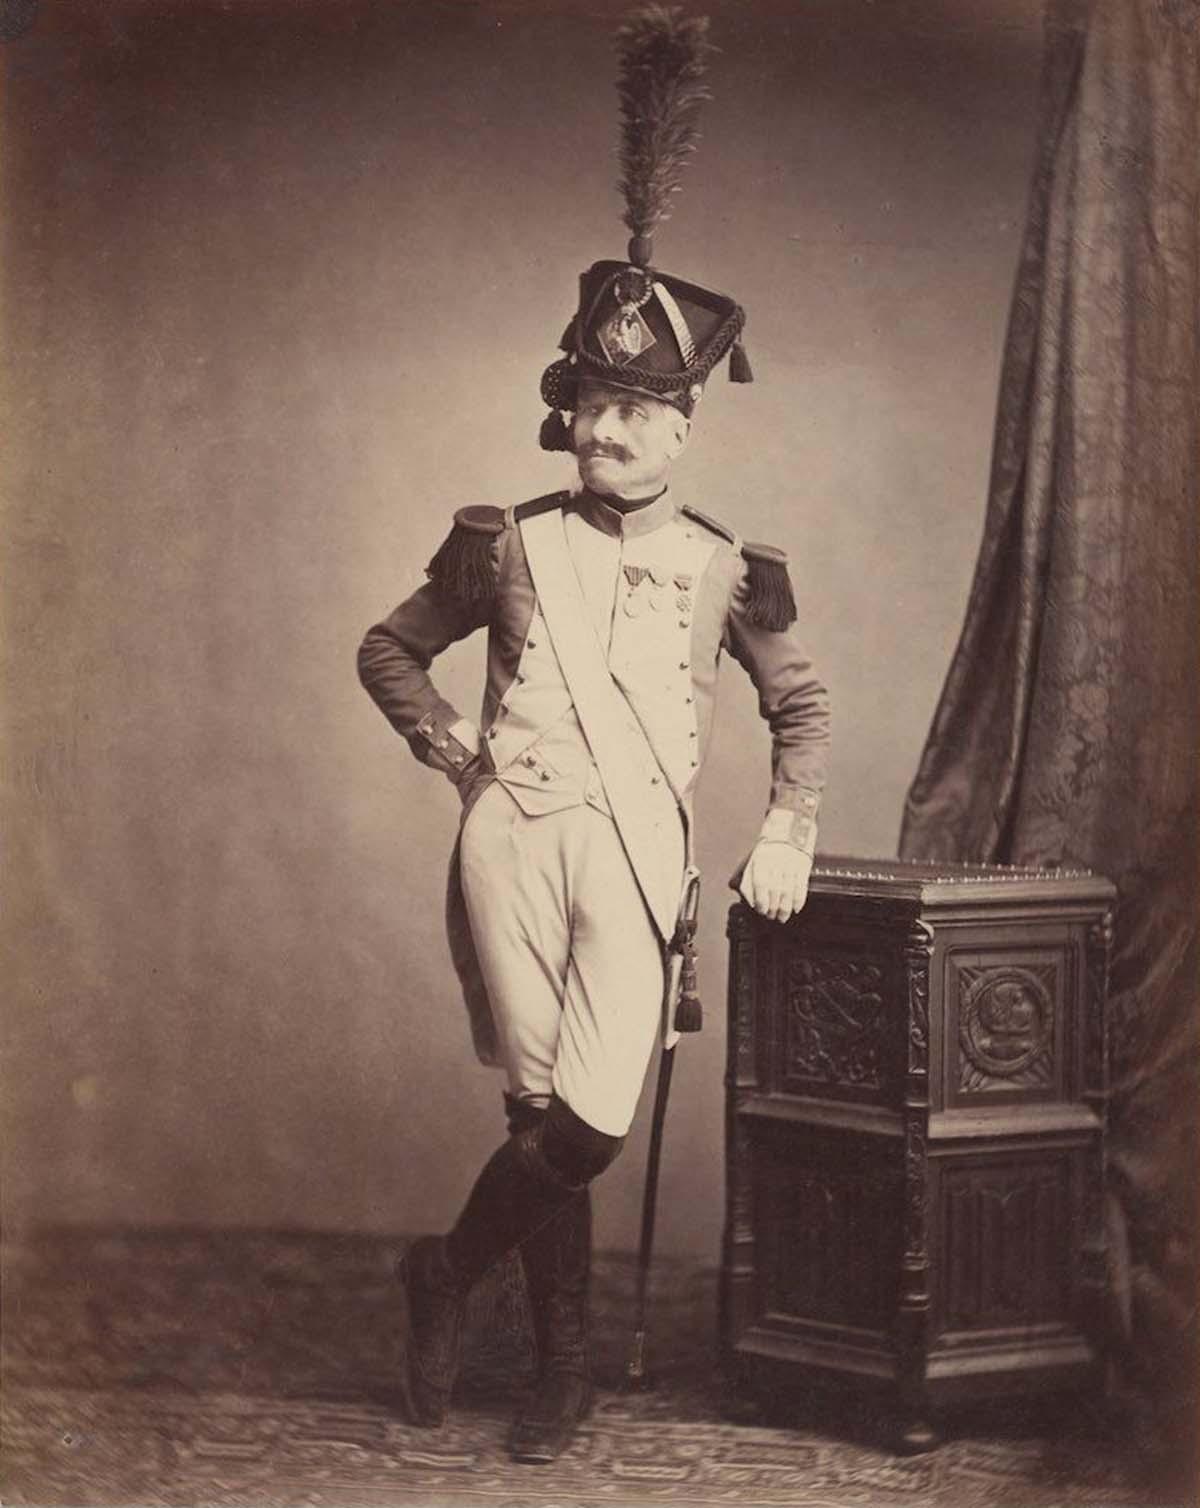 Des photos d'époque de vétérans des Guerres Napoléoniennes, 1858